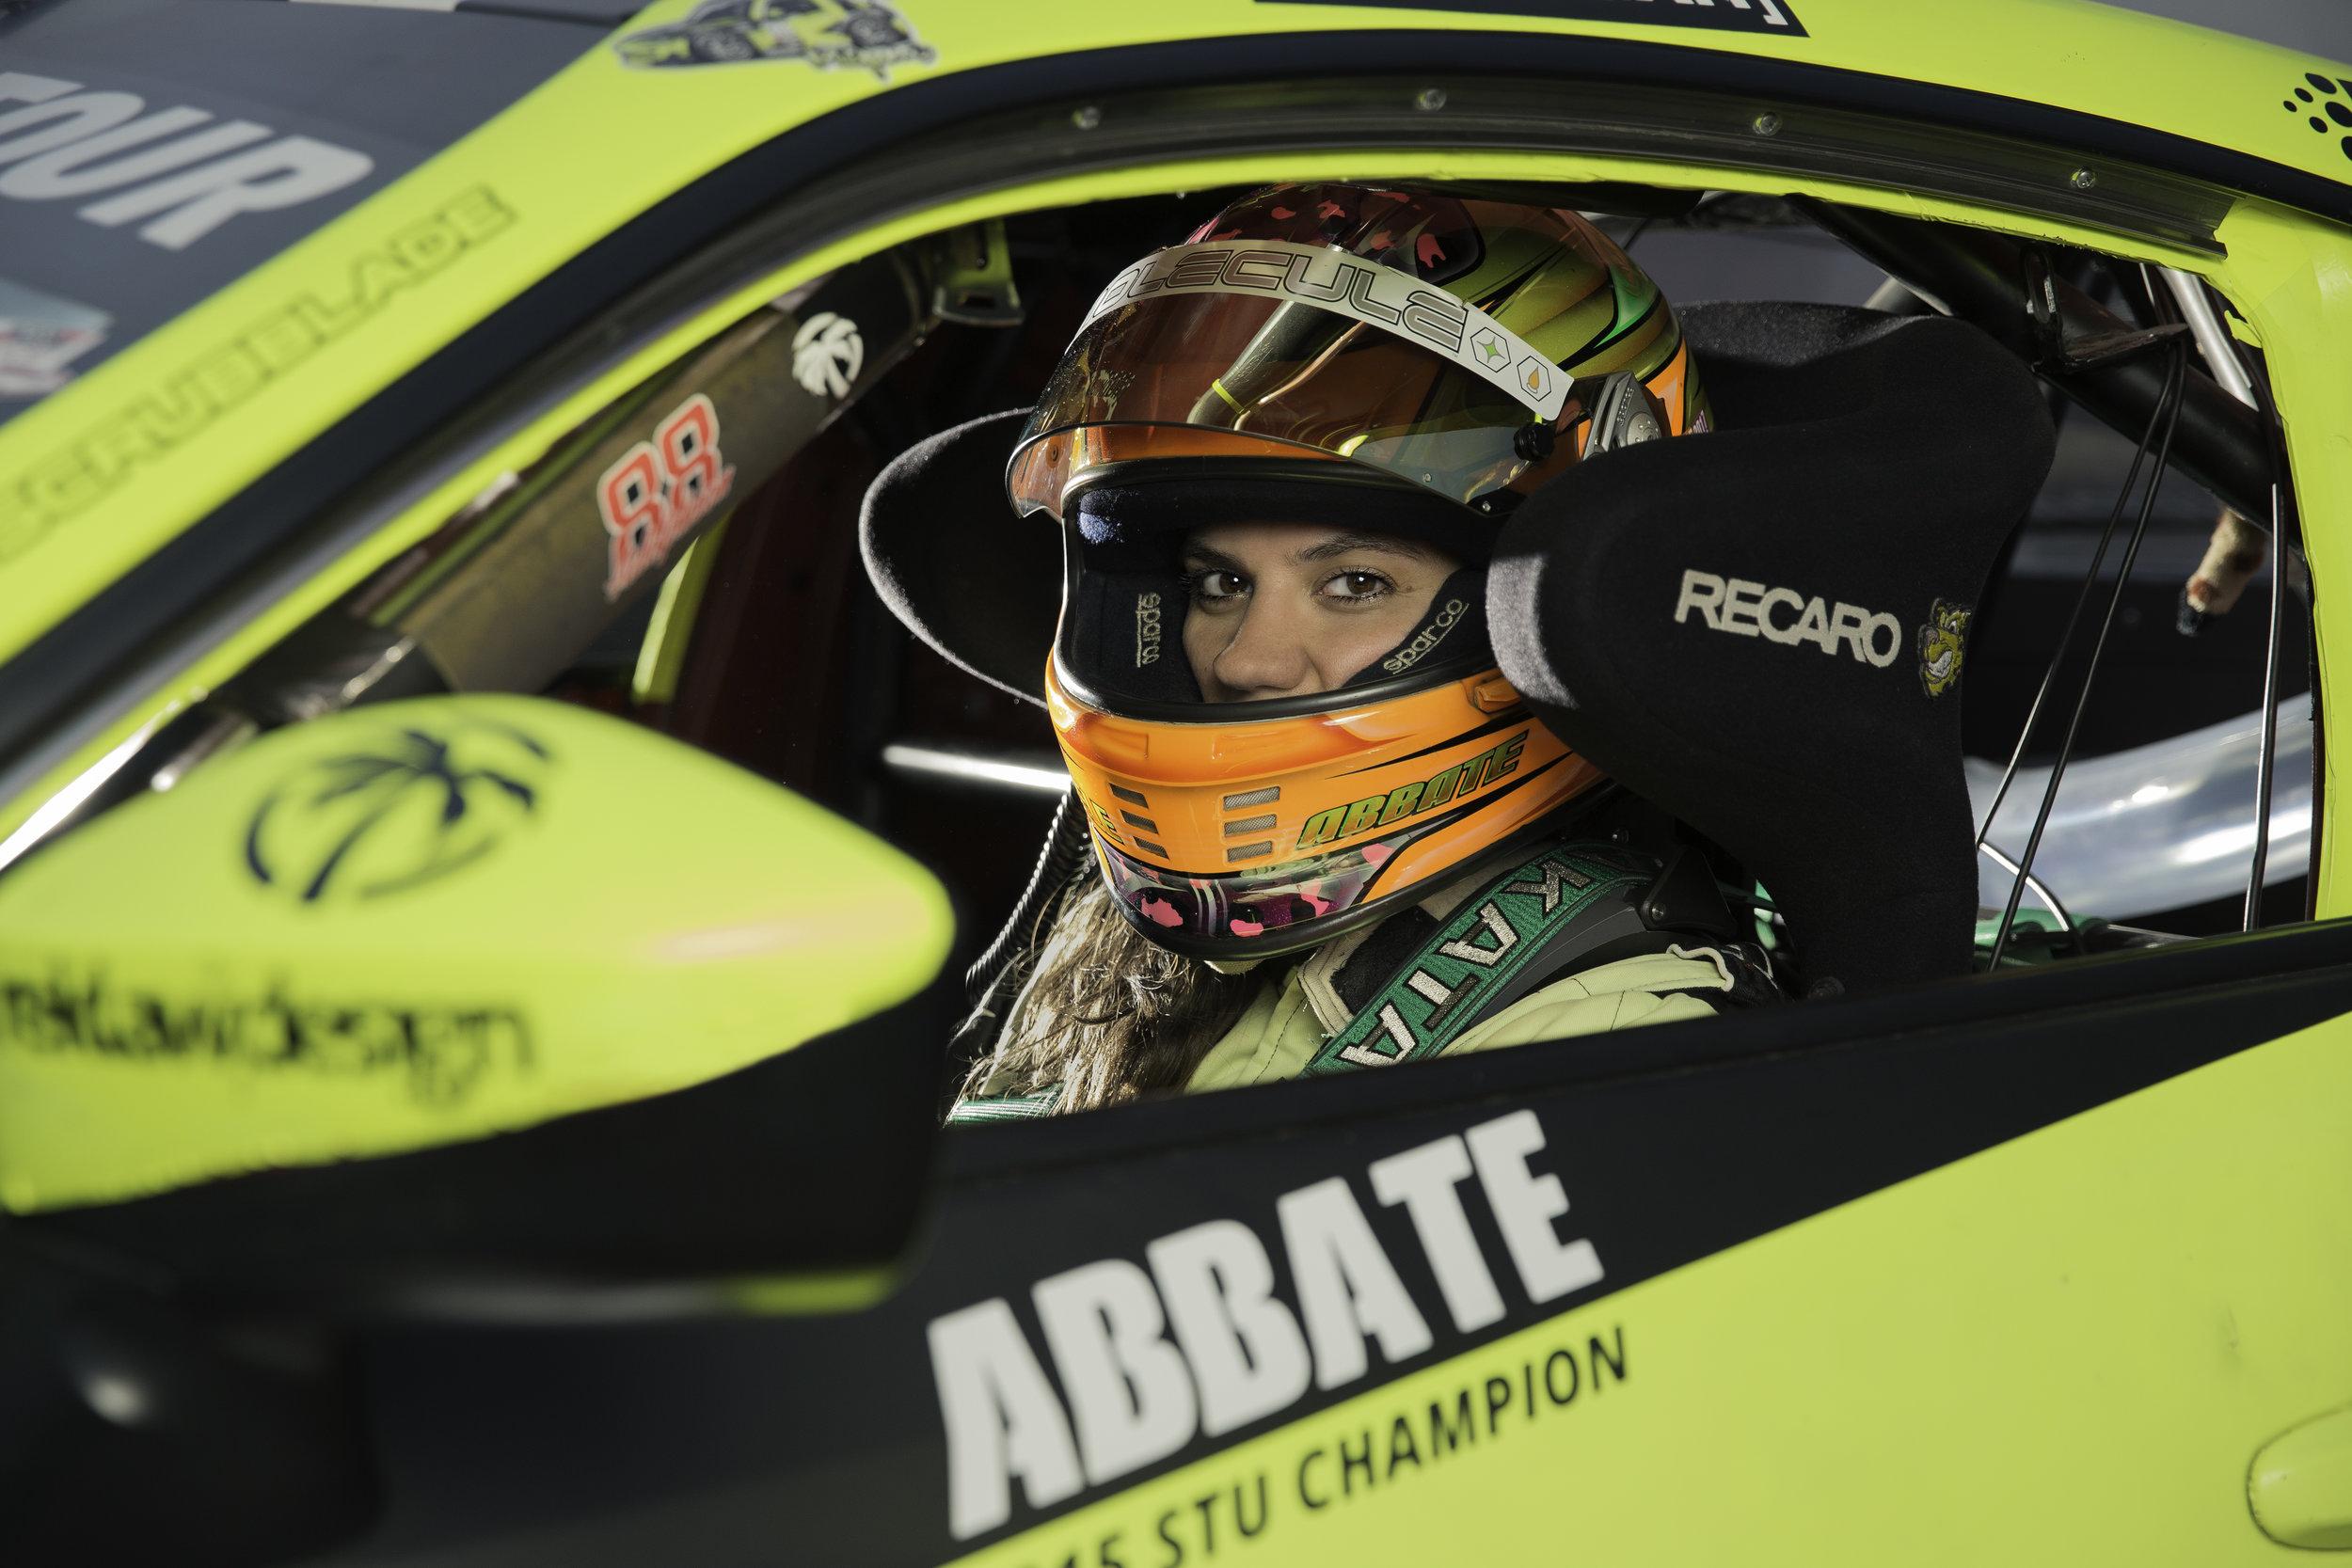 MicheleAbbate-7219.jpg